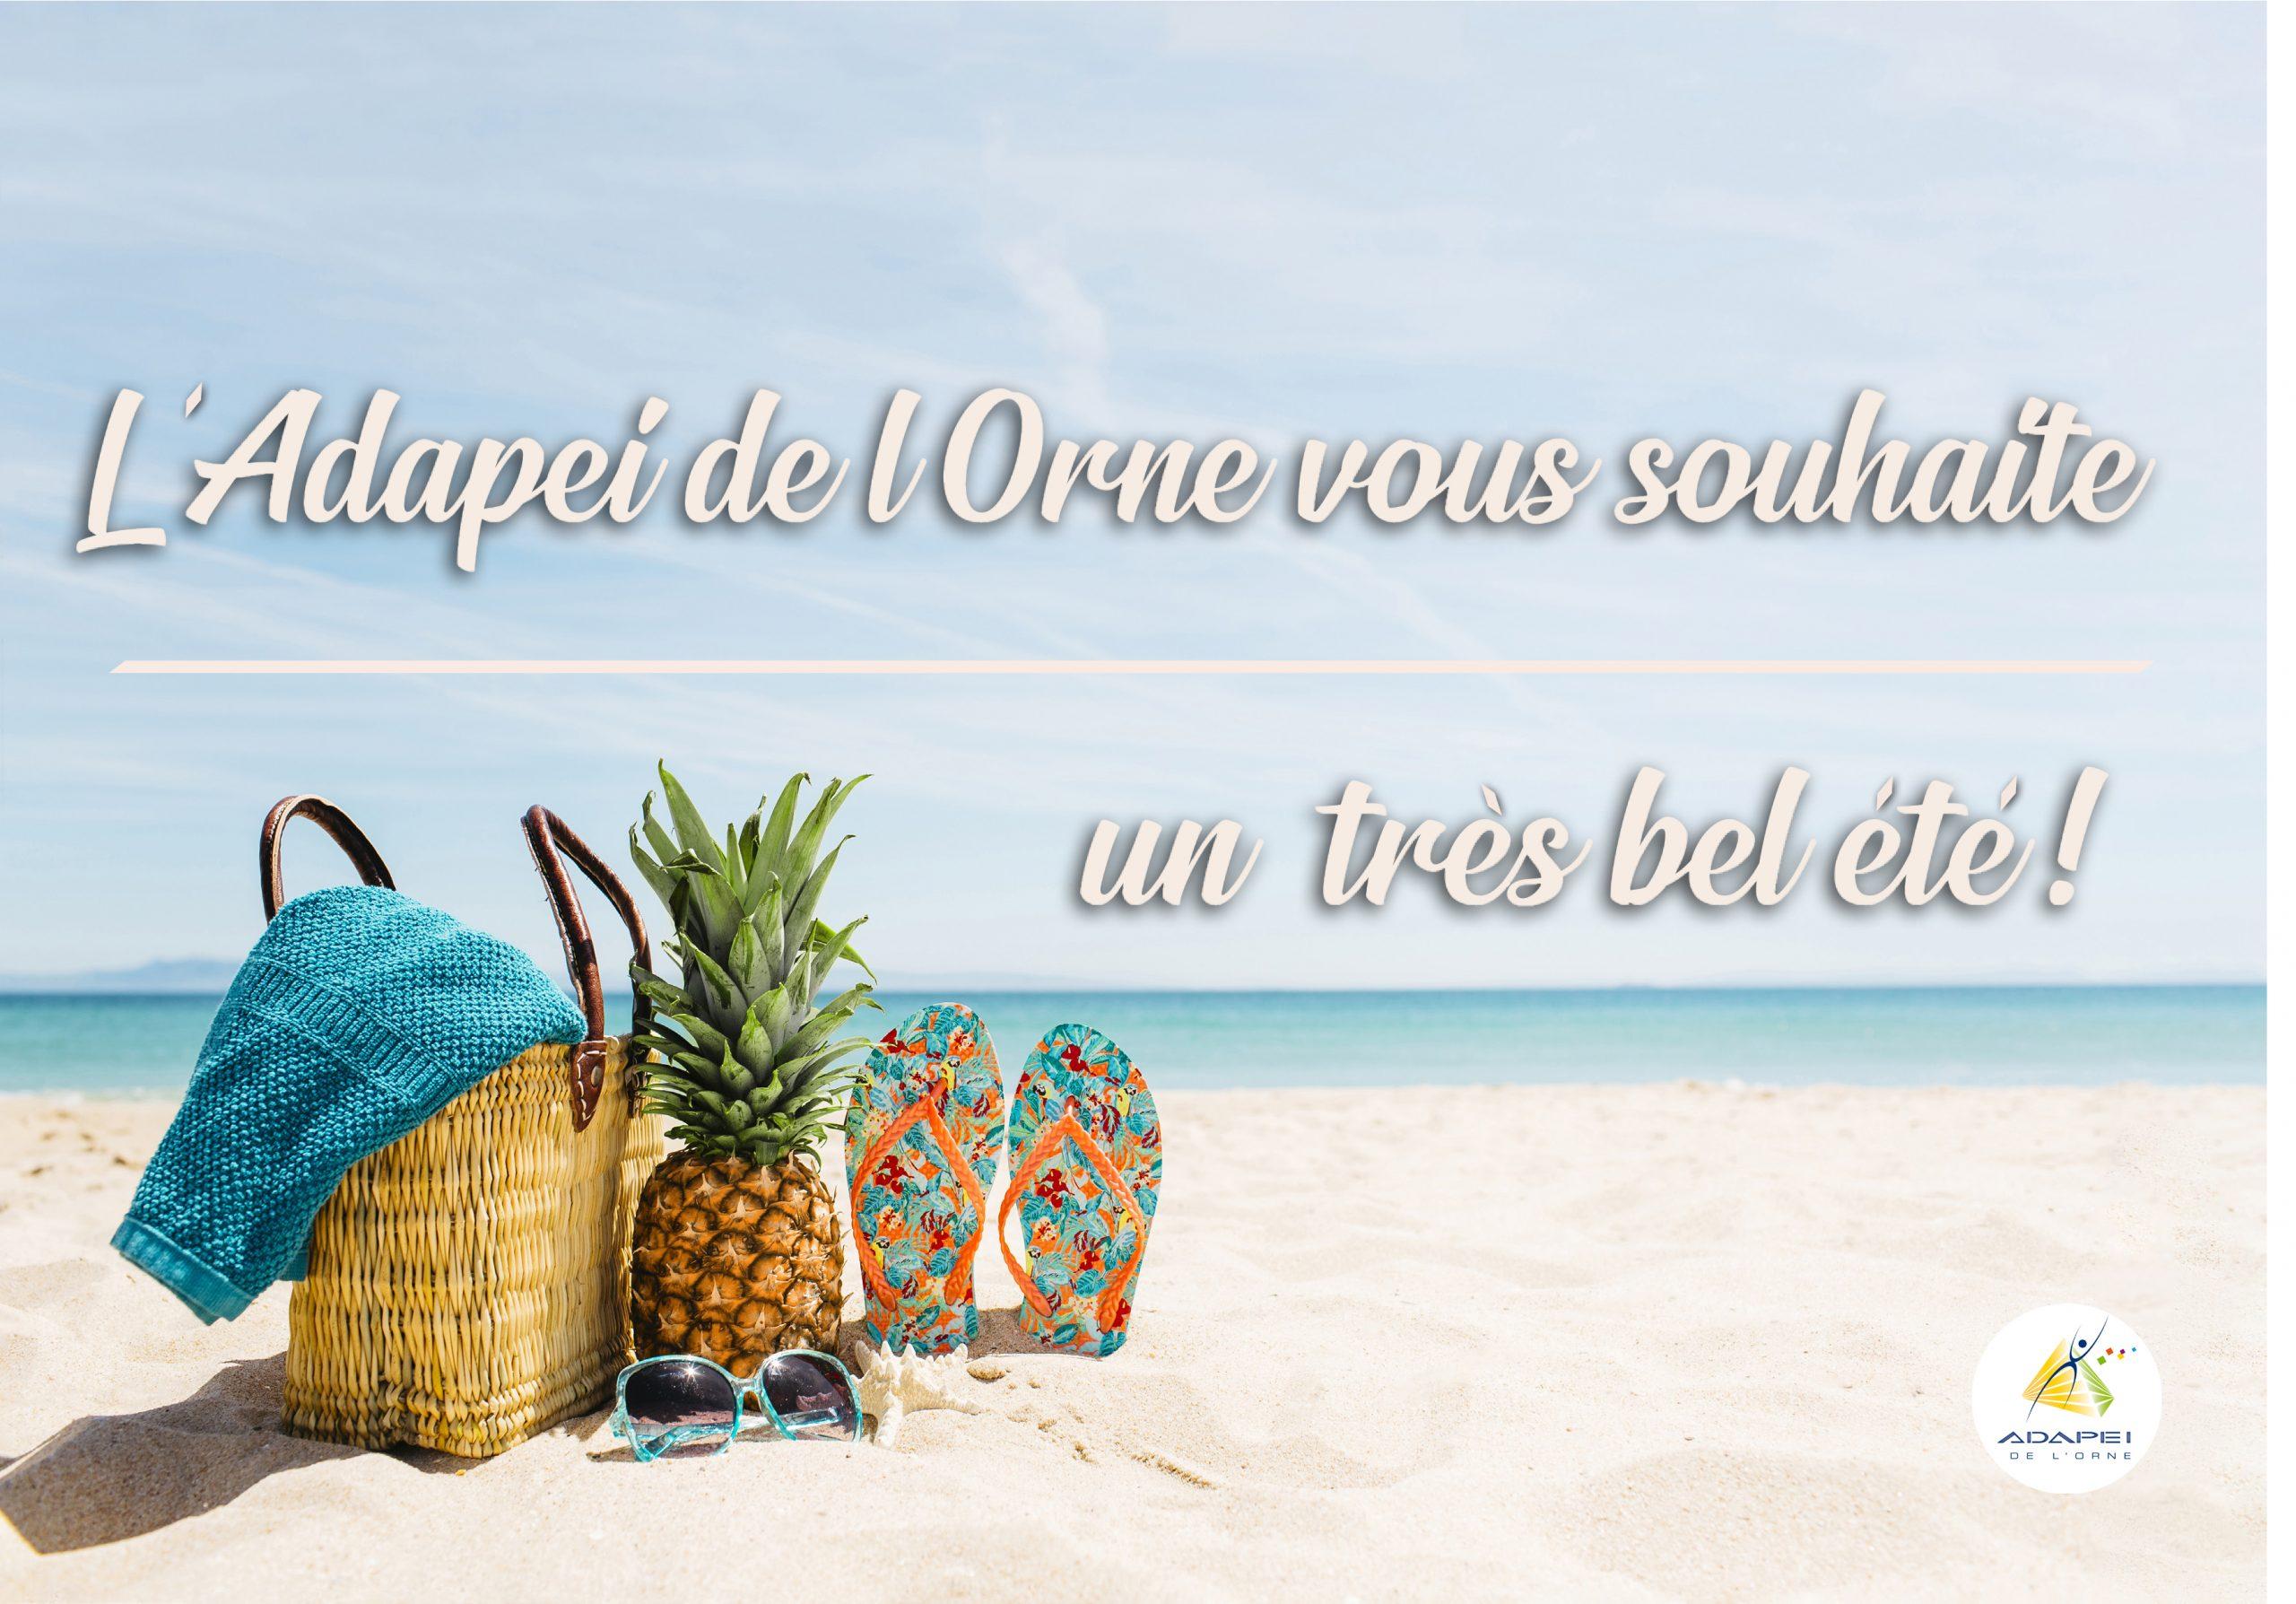 L'Adapei de l'Orne vous souhaite de bonnes vacances !